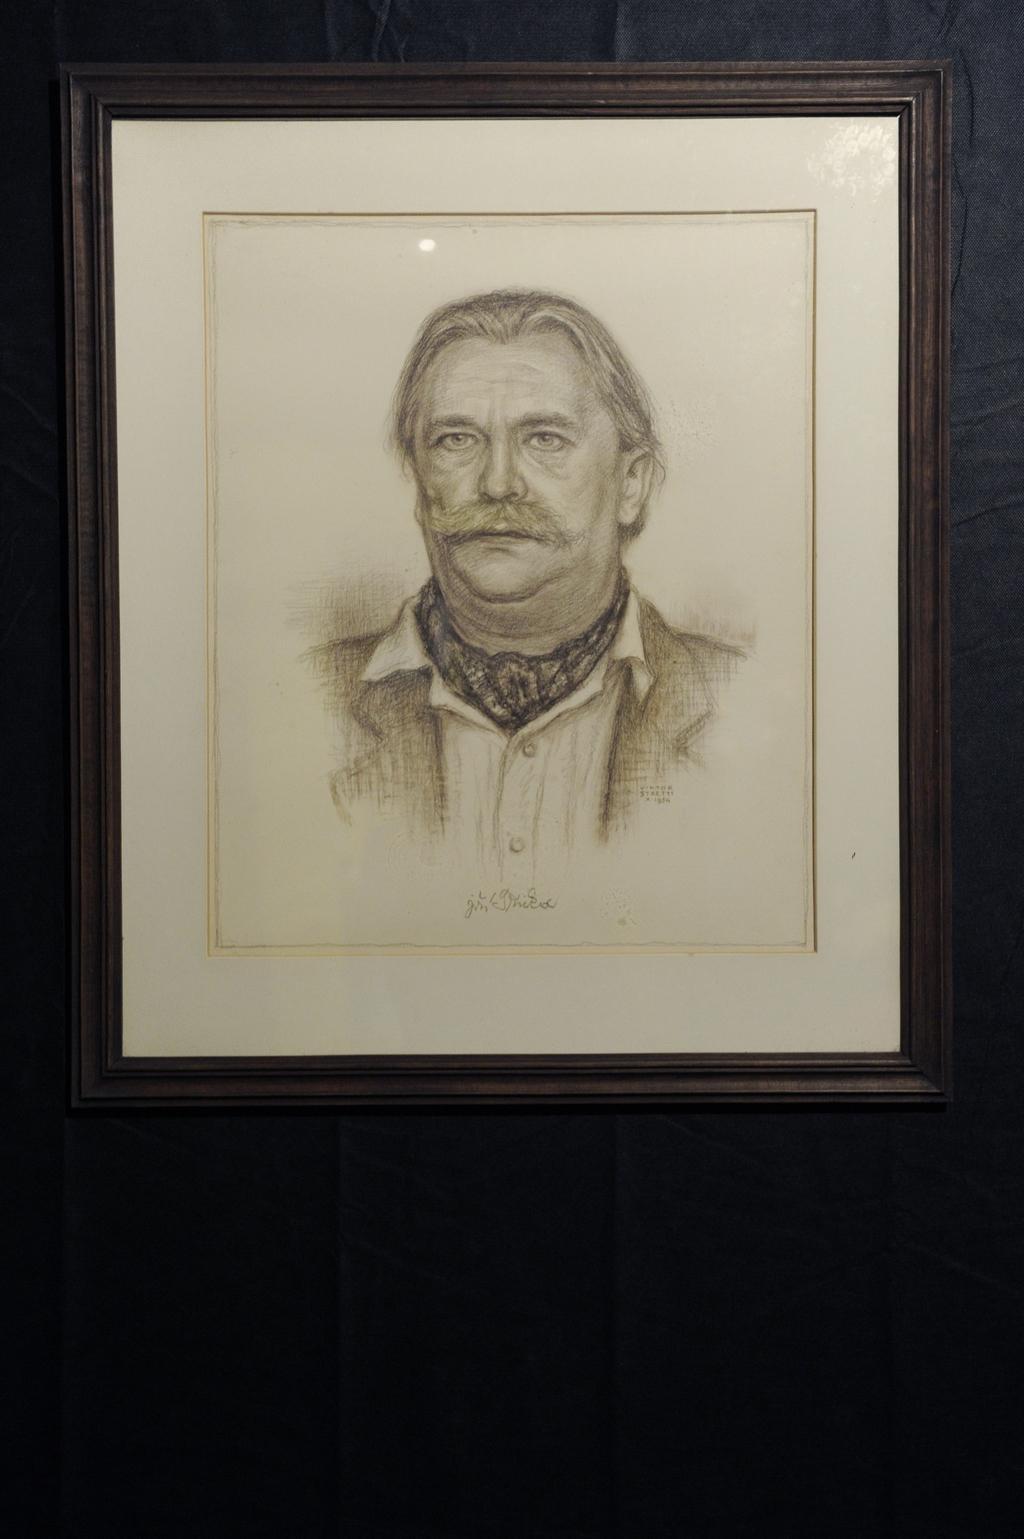 Portrét Jiřího Trnky od Viktora Strettiho